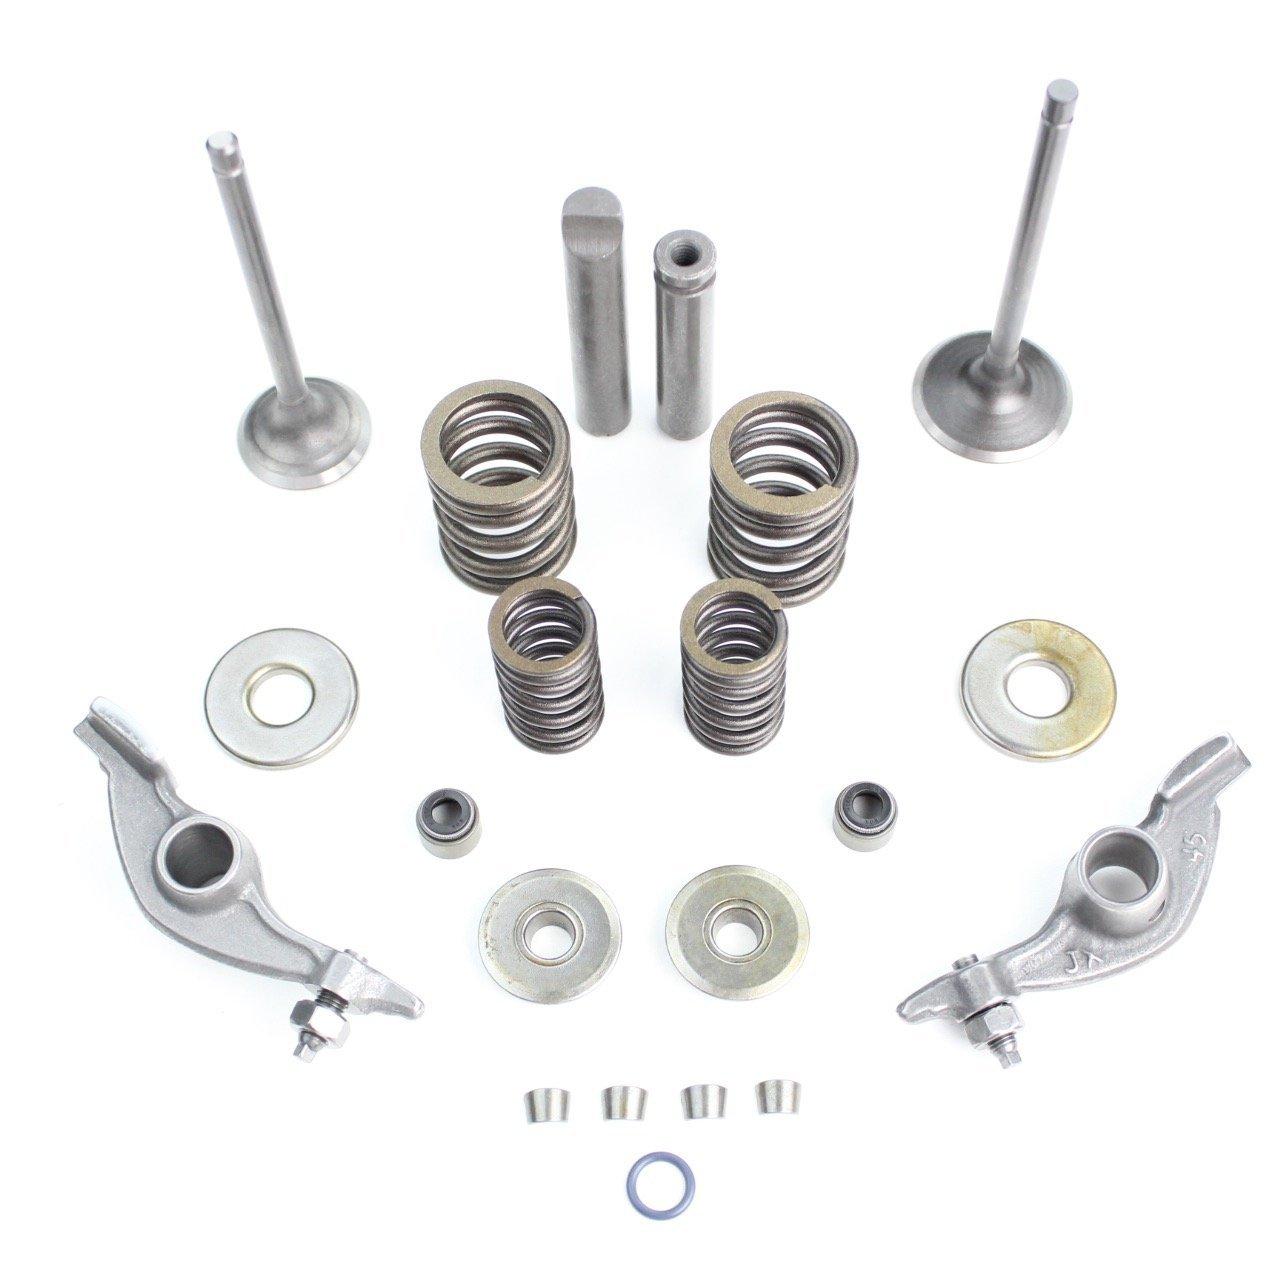 Cylinder Head Valve Spring Rebuild Kit For Yamaha: Cheap Cylinder Head Rebuild, Find Cylinder Head Rebuild